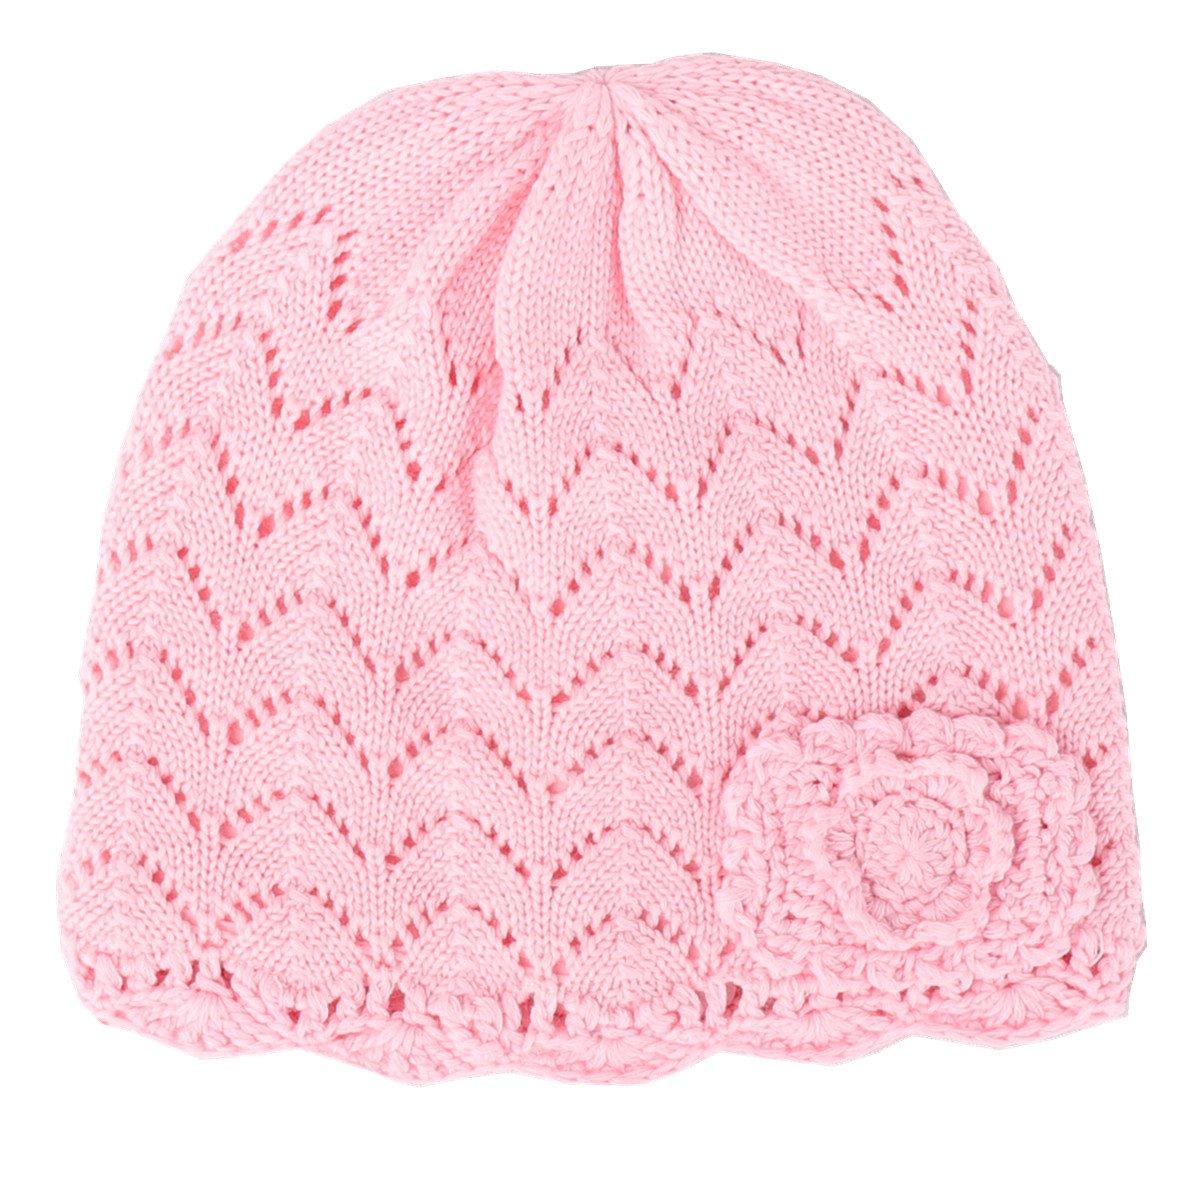 Tyidalin BéBé Fille Chapeau Naissance Bonnet Tricot en Coton Chaud pour  Automne Hiver Rose  Amazon.fr  Vêtements et accessoires 3988284d91f